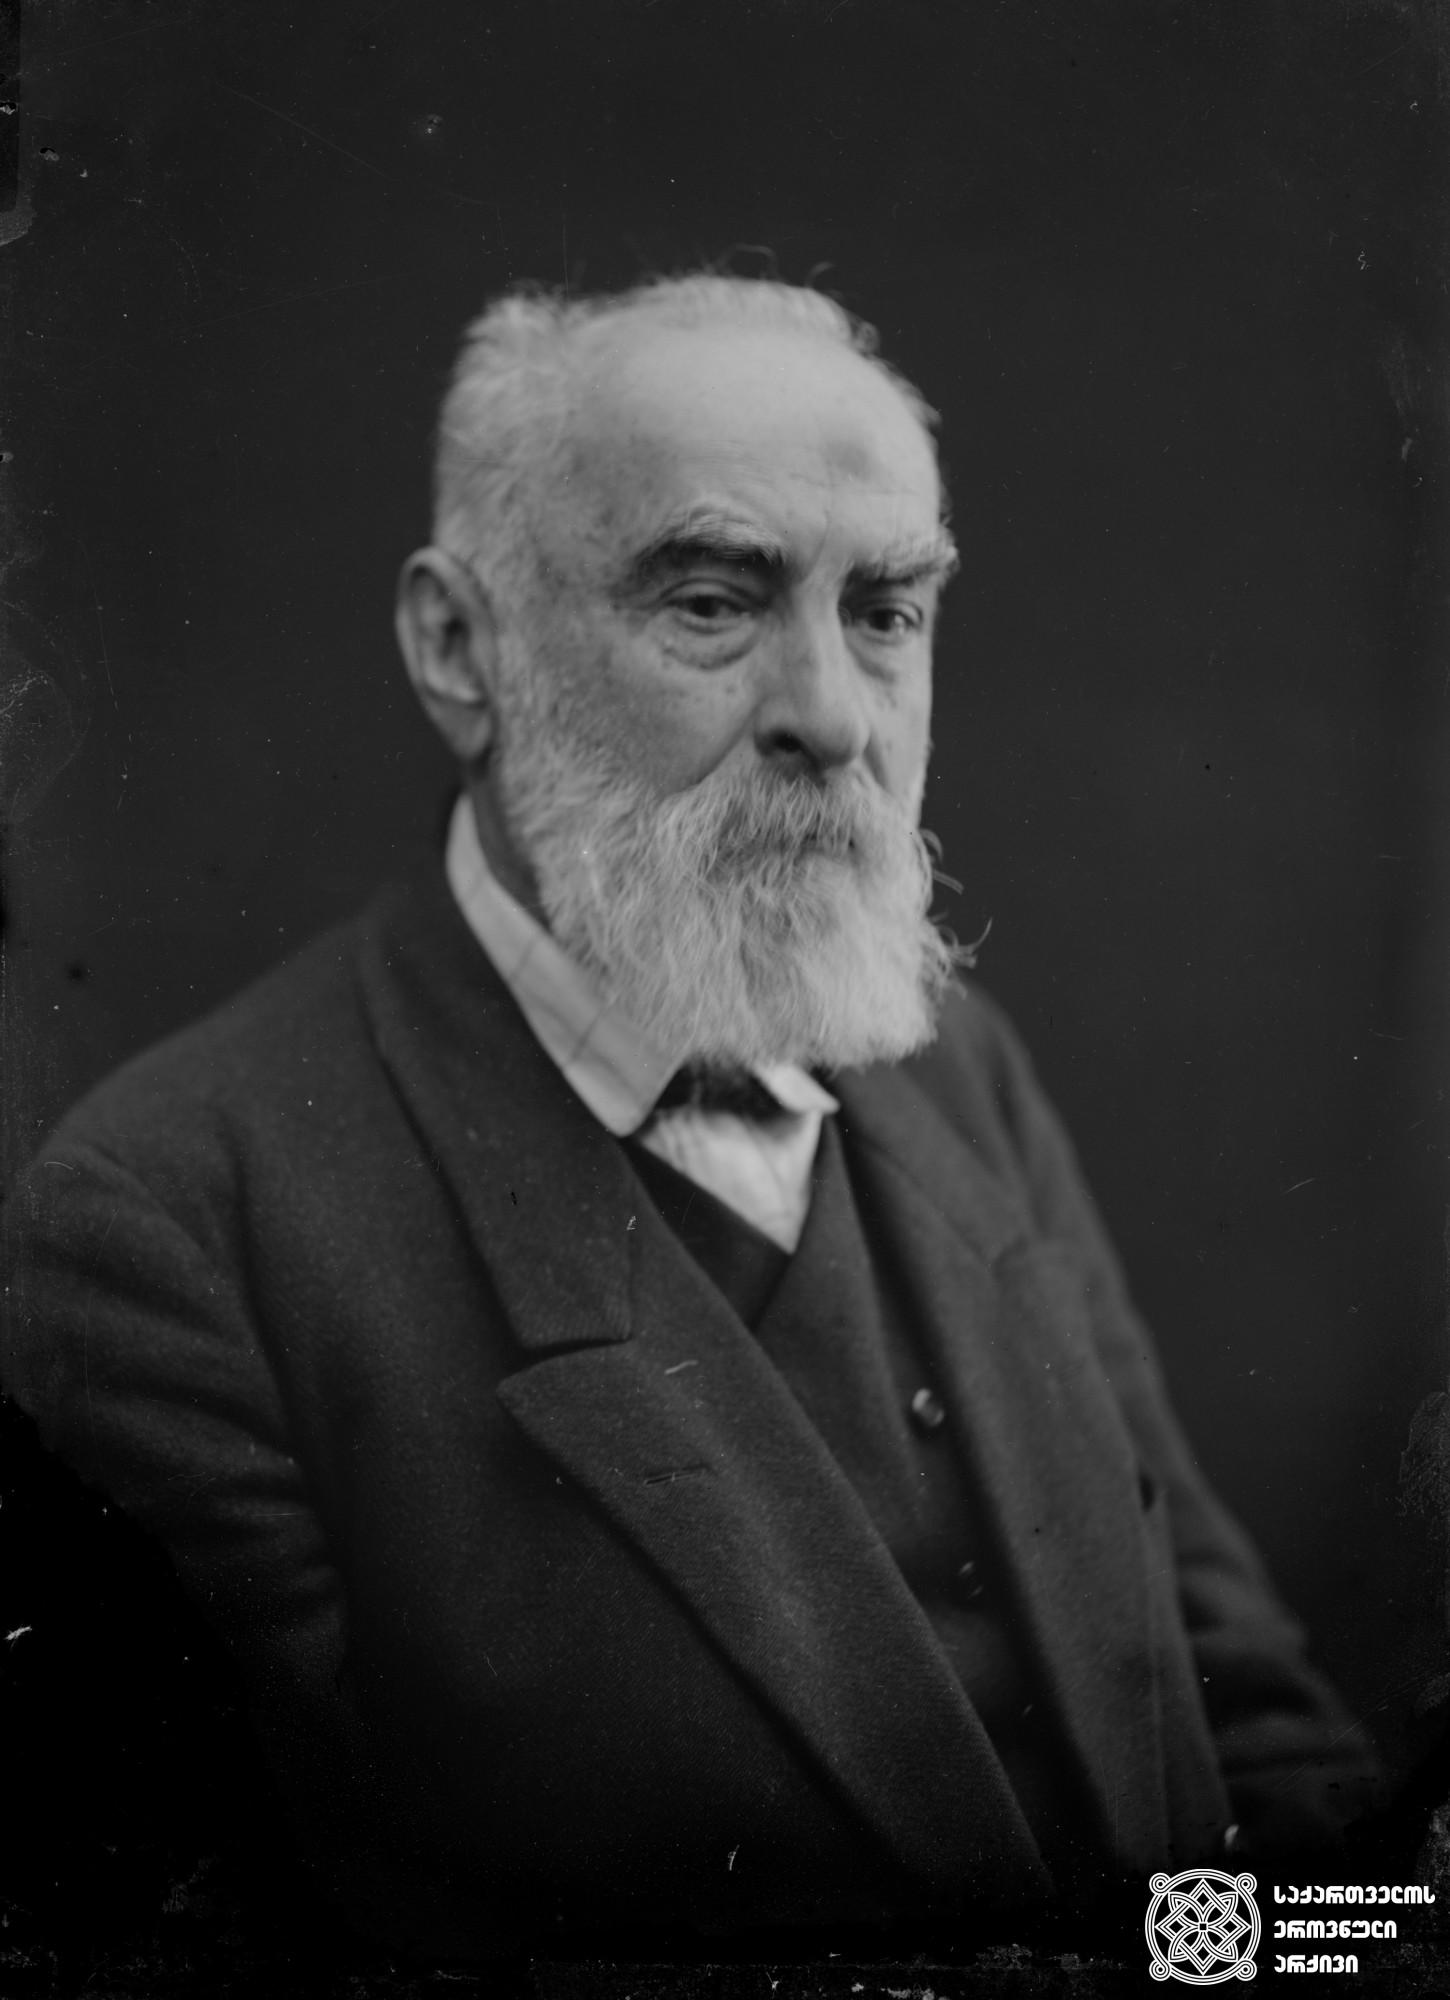 ნიკო ნიკოლაძე (1843-1928) - პუბლიცისტი, პოლიტიკური და საზოგადო მოღვაწე. <br> მინის ნეგატივი 12X16. <br> Niko Nikoladze (1843-1928) - publicist, political and public figure. <br> Glass negative 12X16. <br>